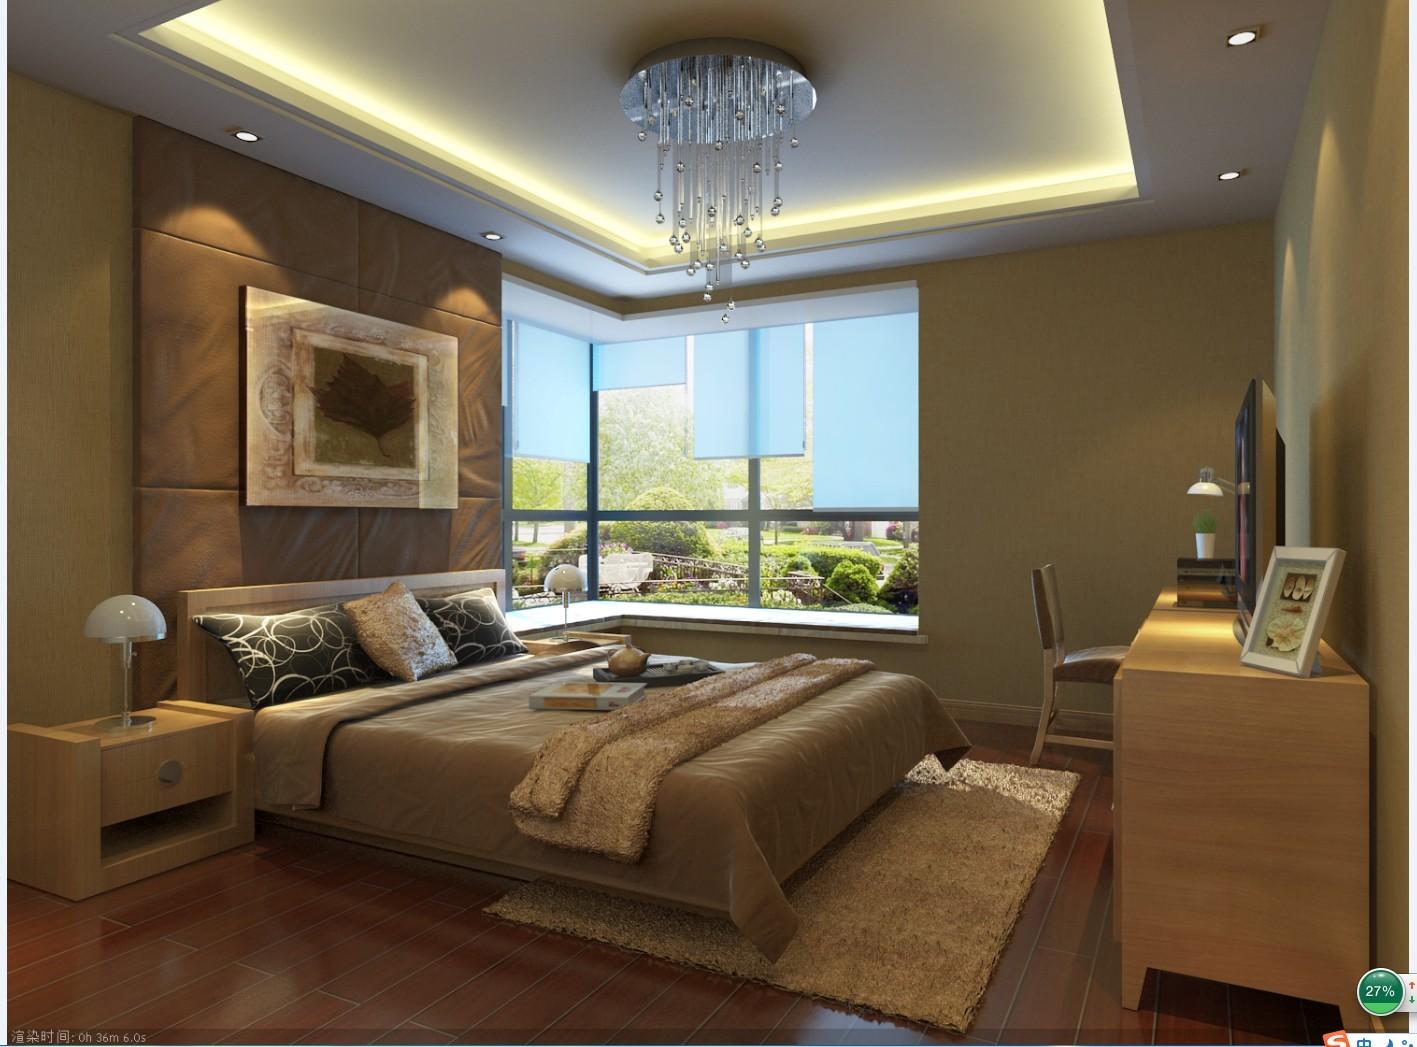 建筑与室内设计师--[区版:zyok888] 3ds max → ps过后 水晶灯 太丑